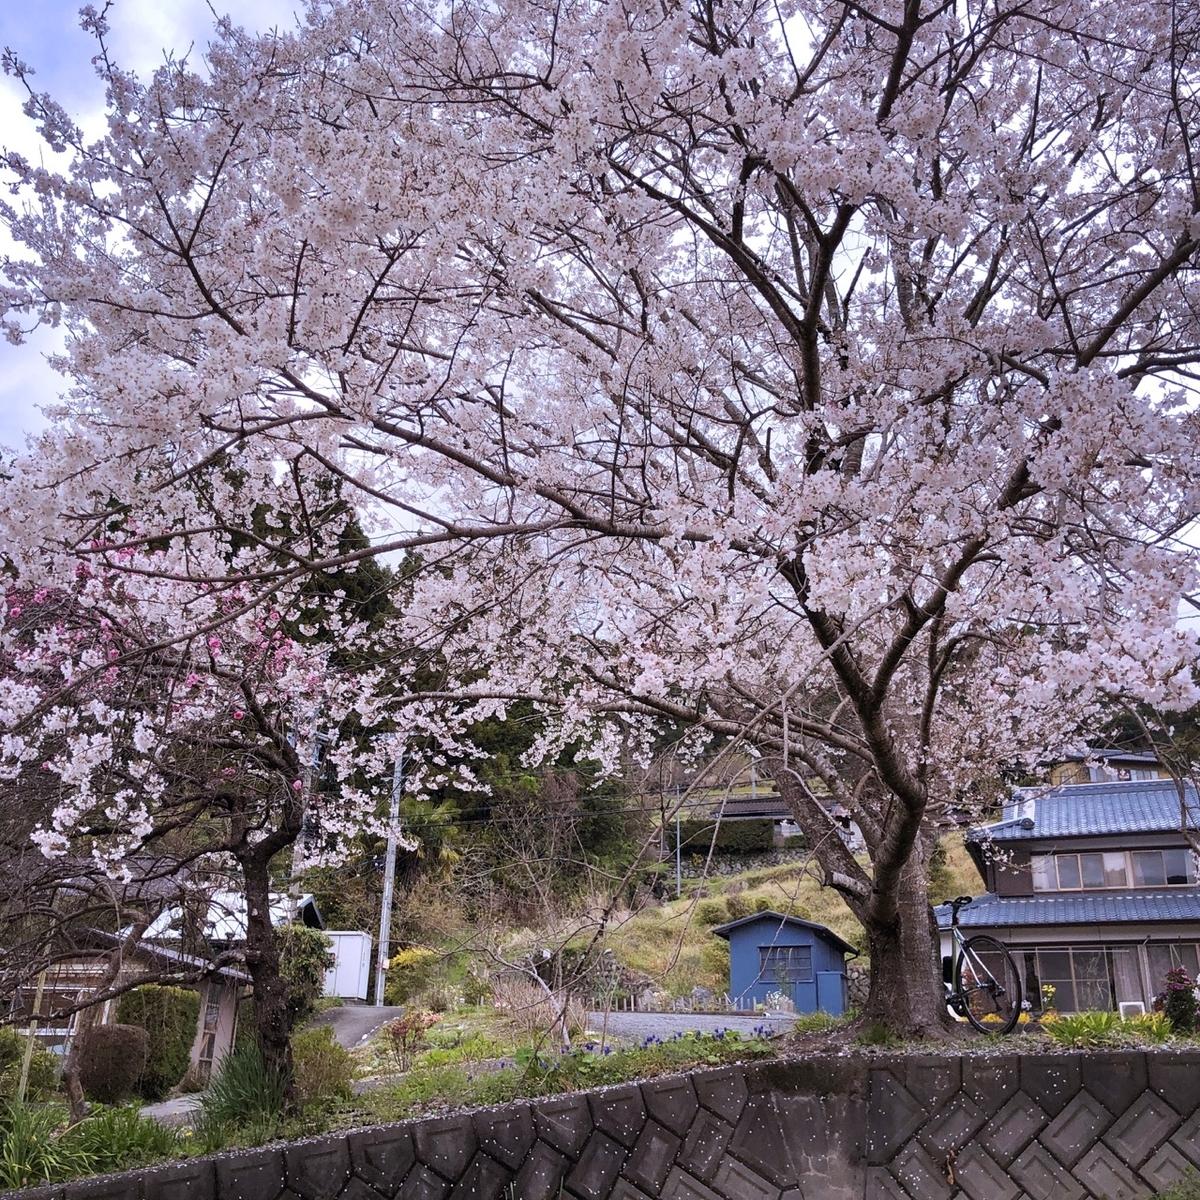 f:id:mick_kamihara:20200328120409j:plain